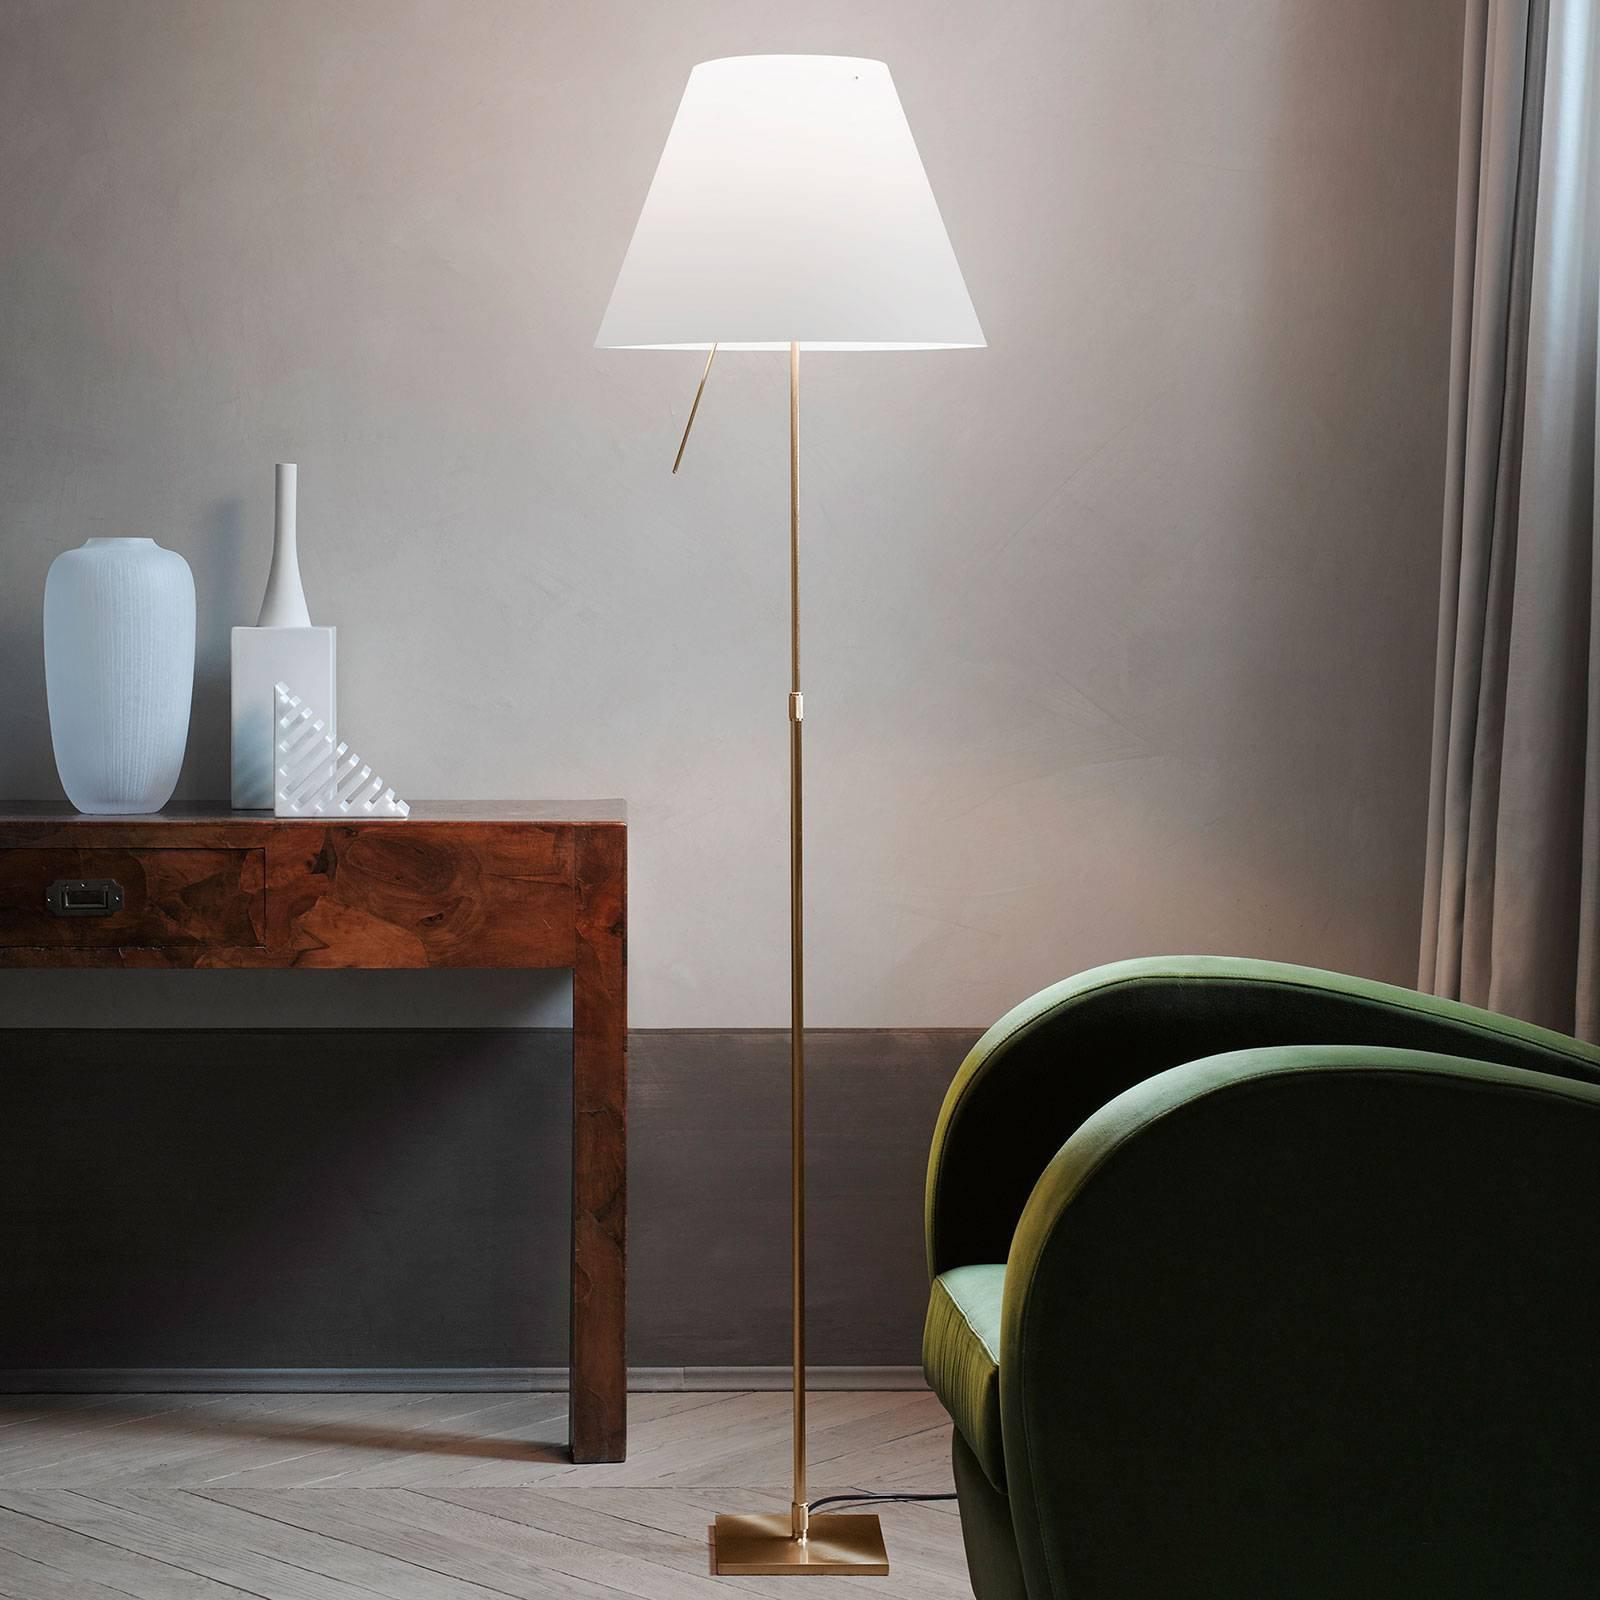 Luceplan Costanza gulvlampe D13t, messing/hvit